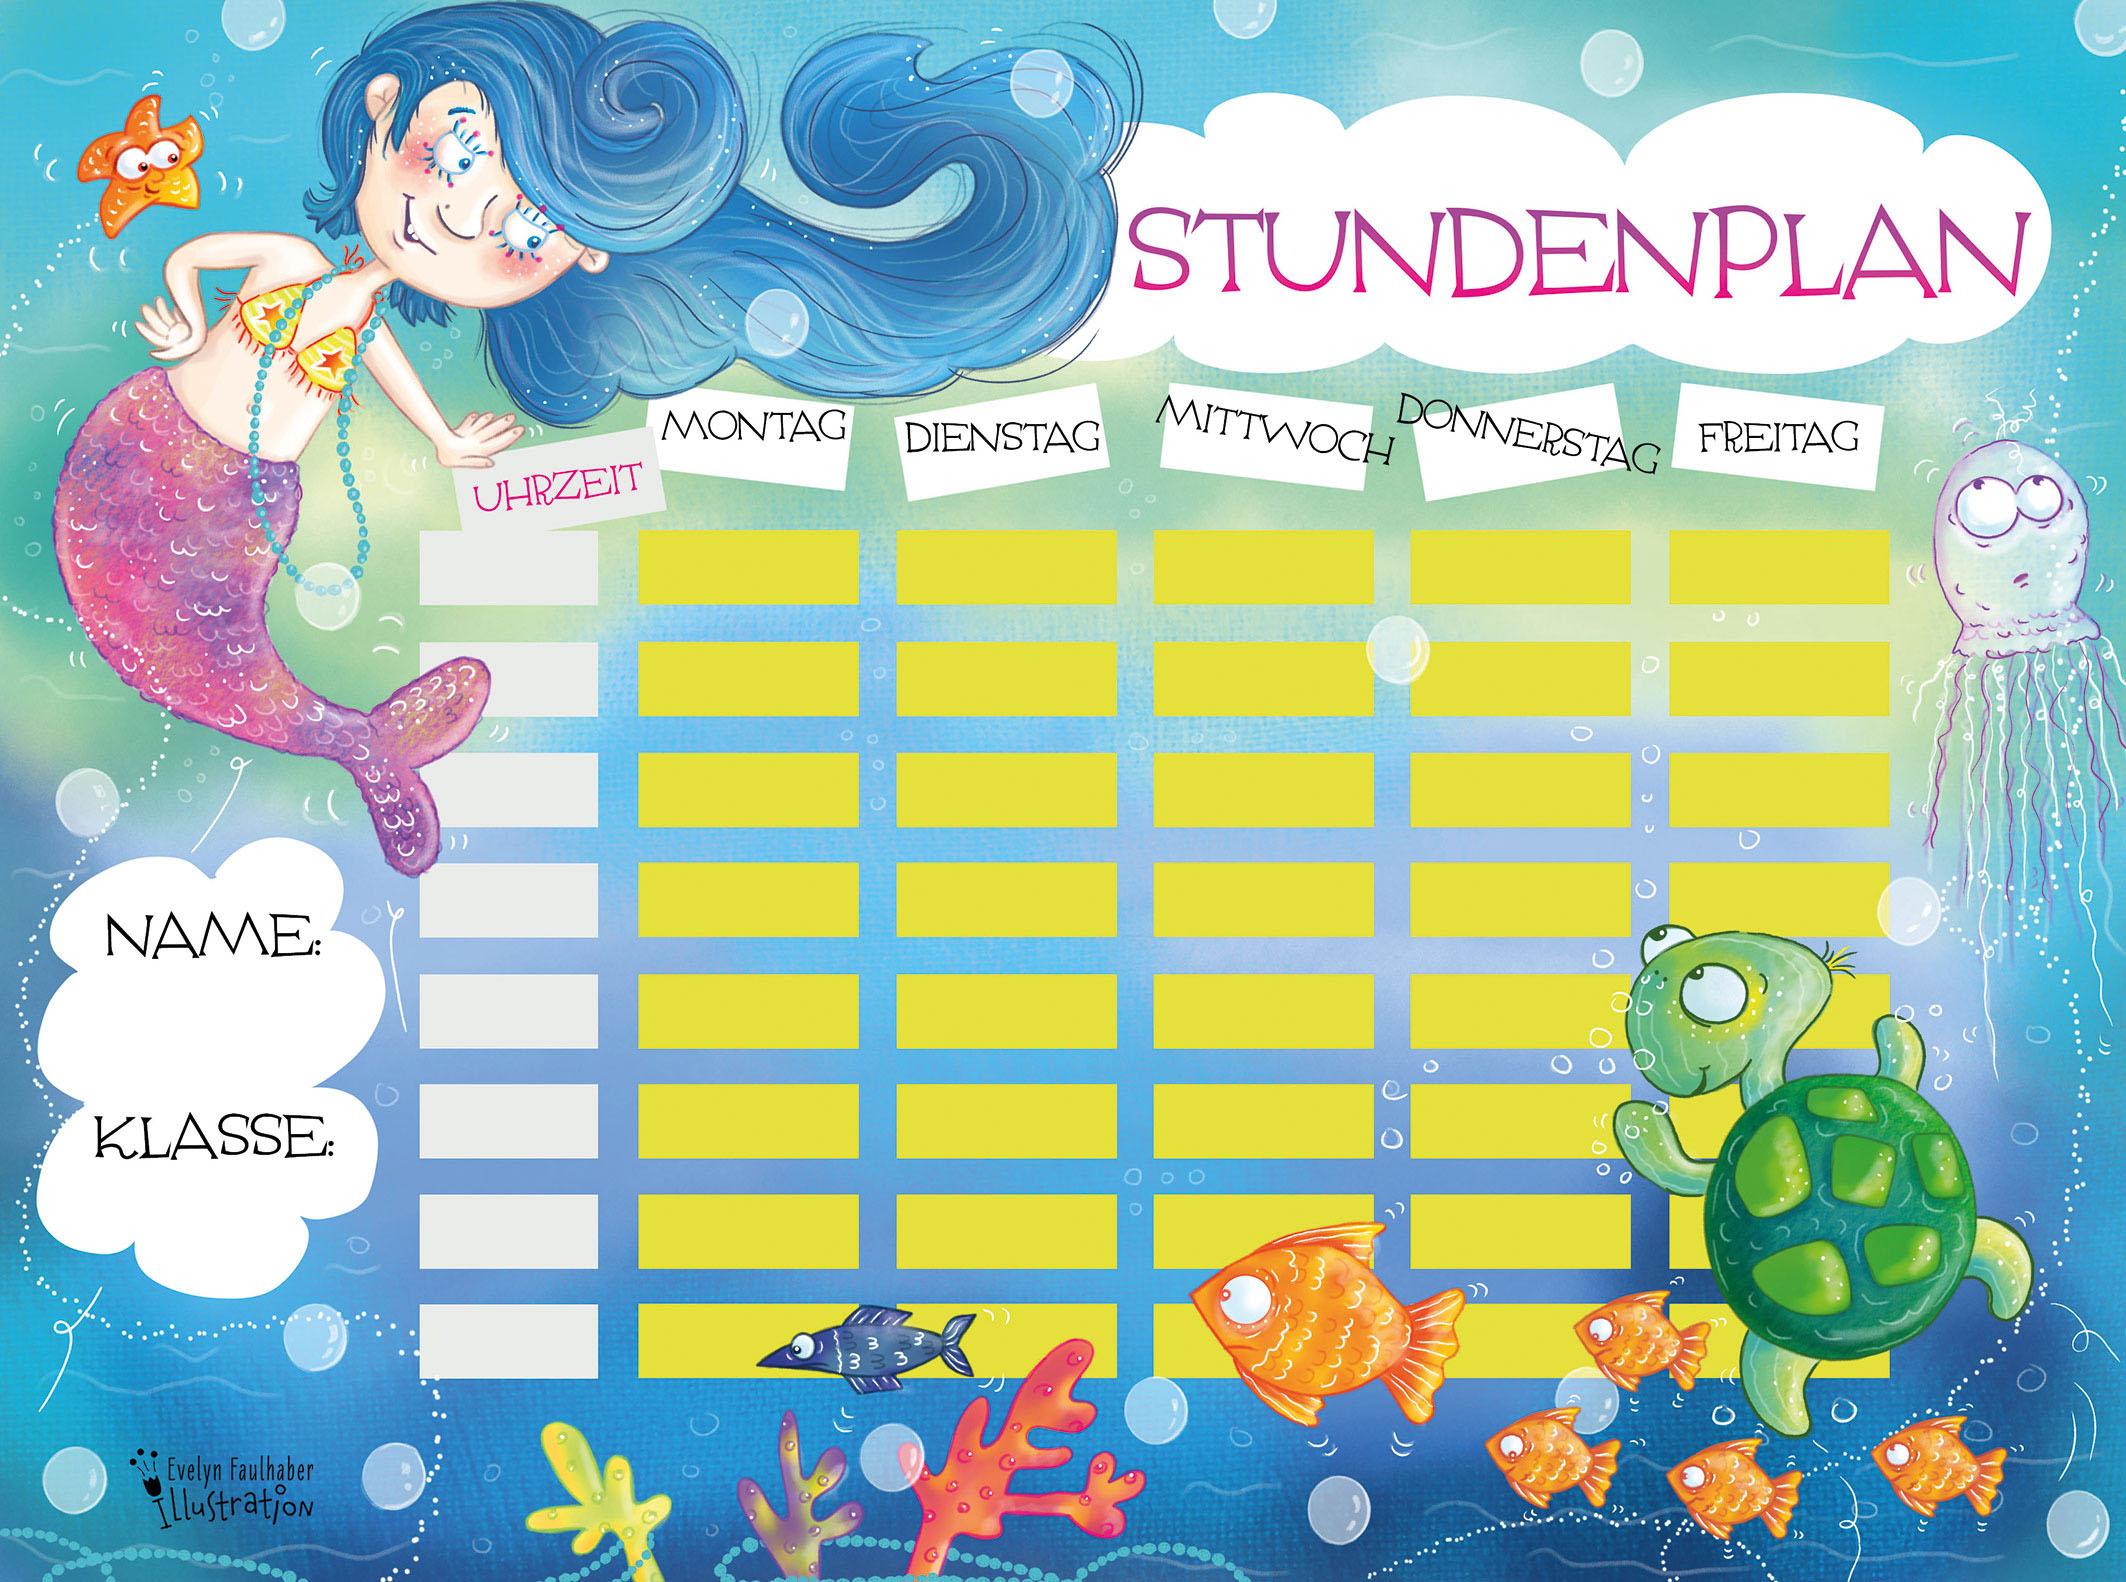 freebie, stundenplan, illustration meerjungfrau, unterwasserwelt, evelyn faulhaber illustration, kinderbuchillustratorin, kinderbuchillustration, illustratorin österreich